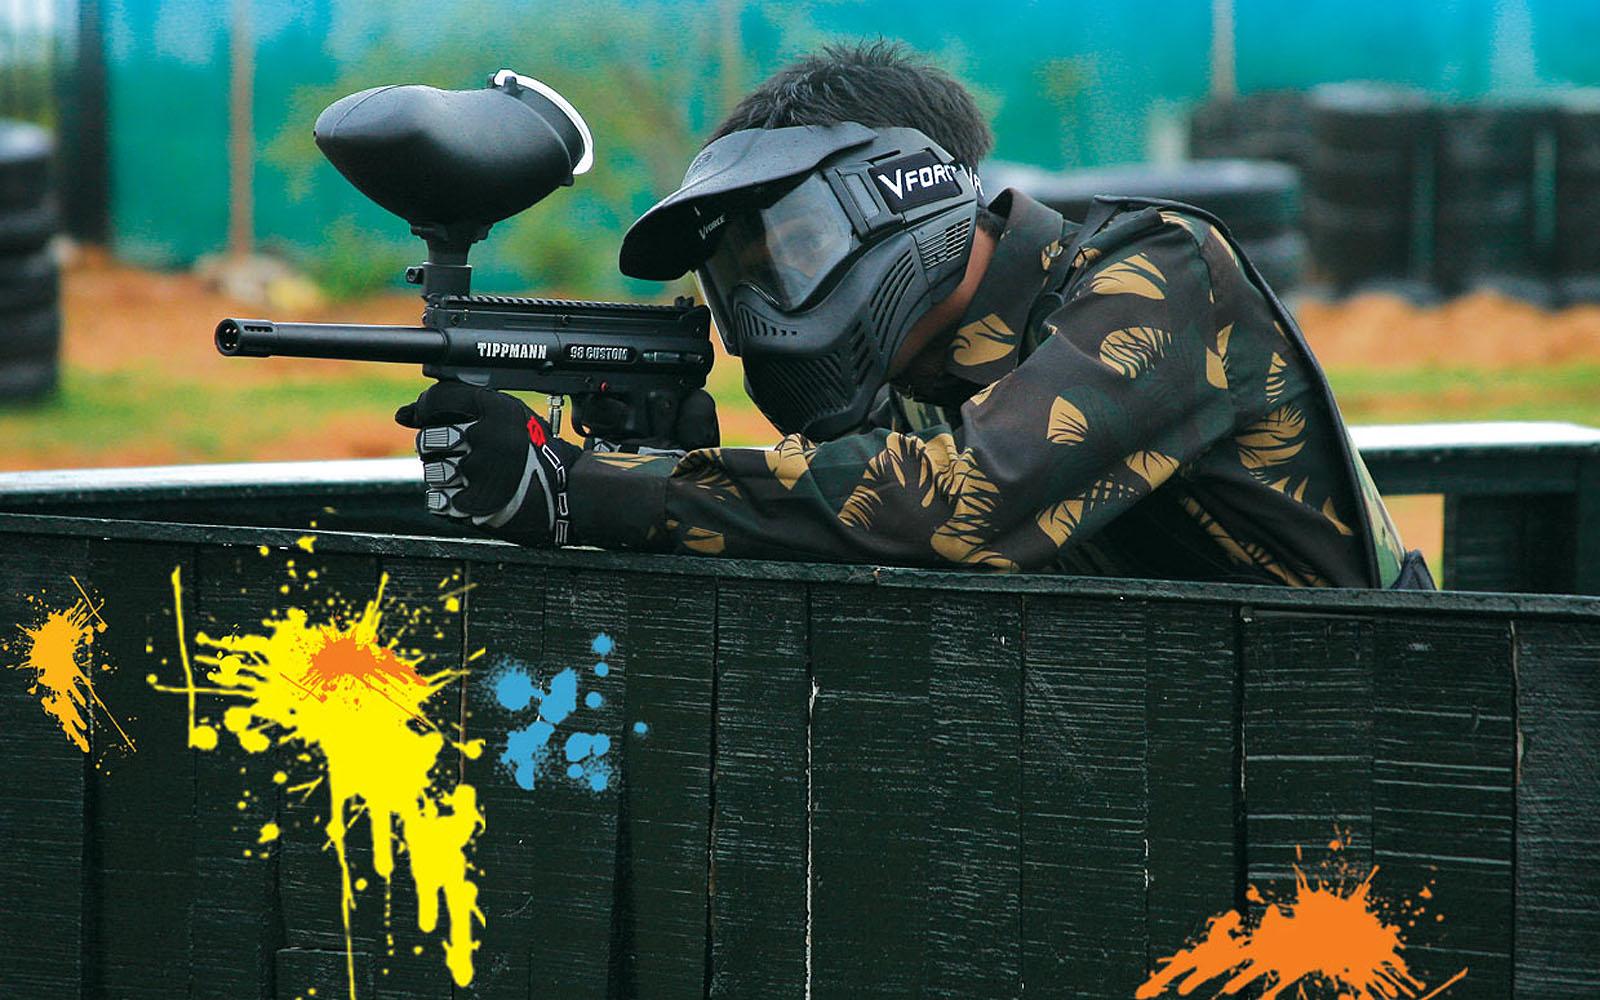 accessori ed equipaggiamento per paintball - armastore